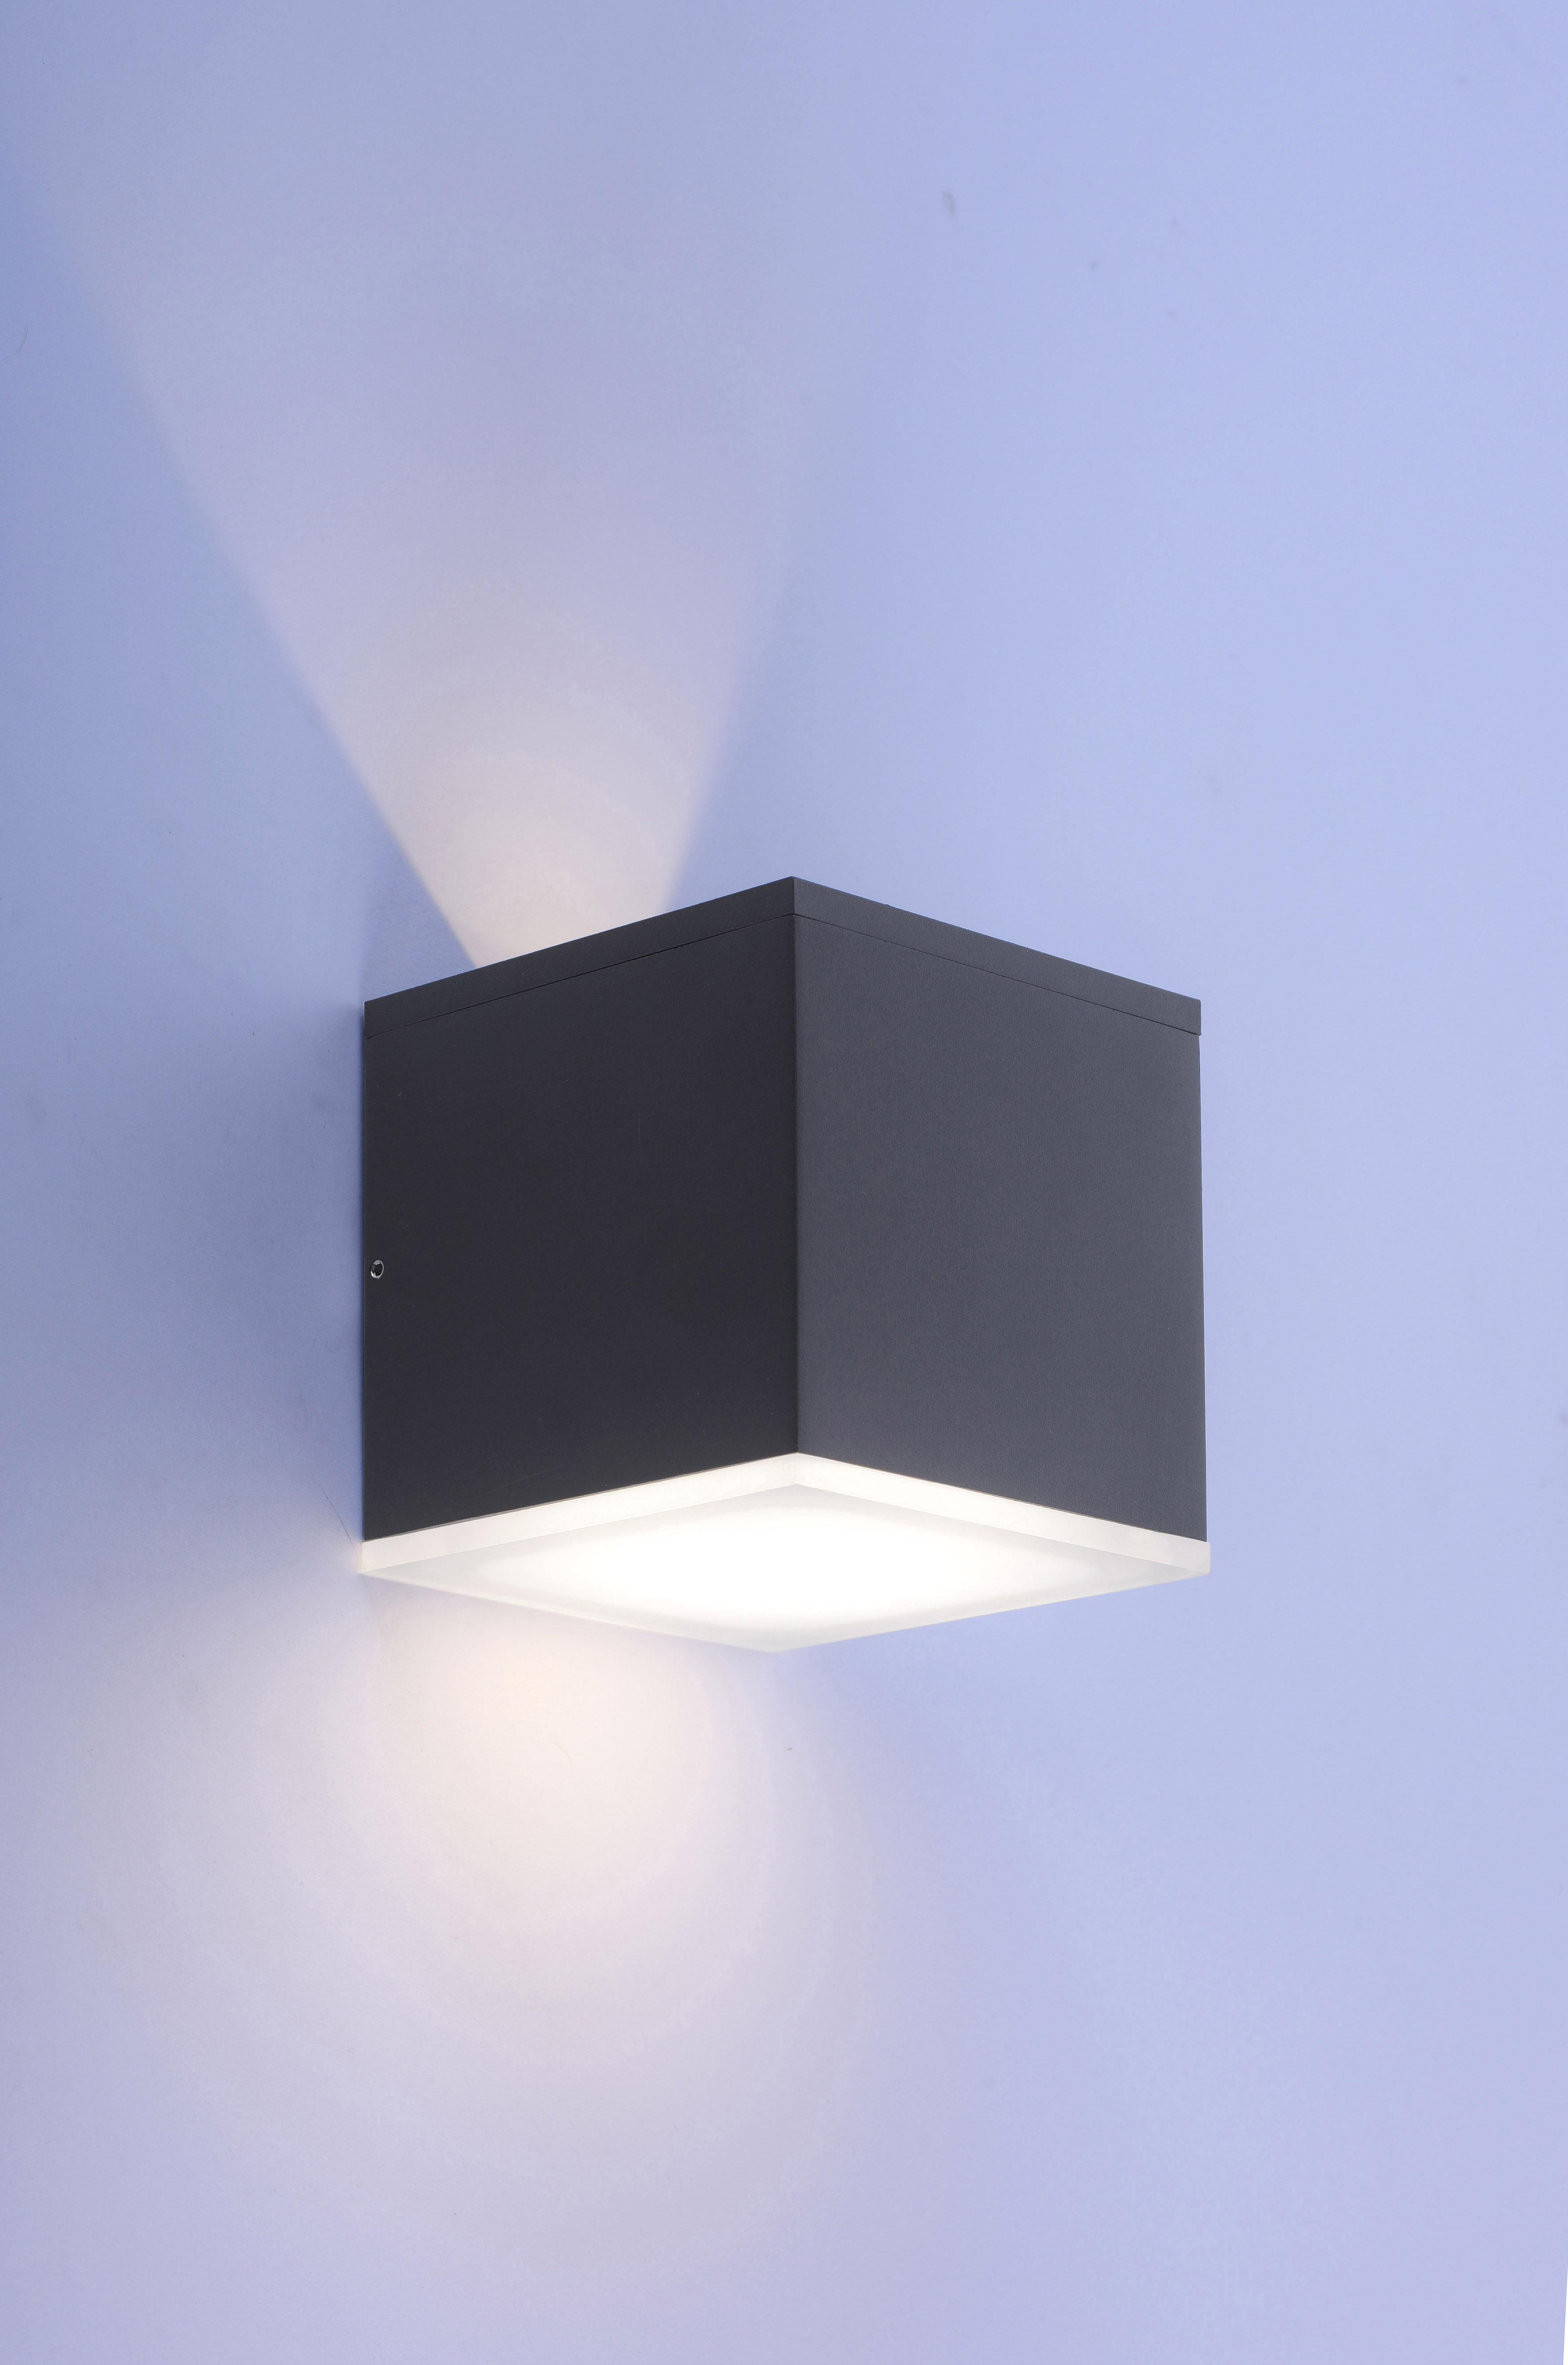 Q-AMIN LED-Außenwandleuchte Smart-Home mit Lichtfarbsteuerung und Fernbedienung ist spritzwassergeschützt